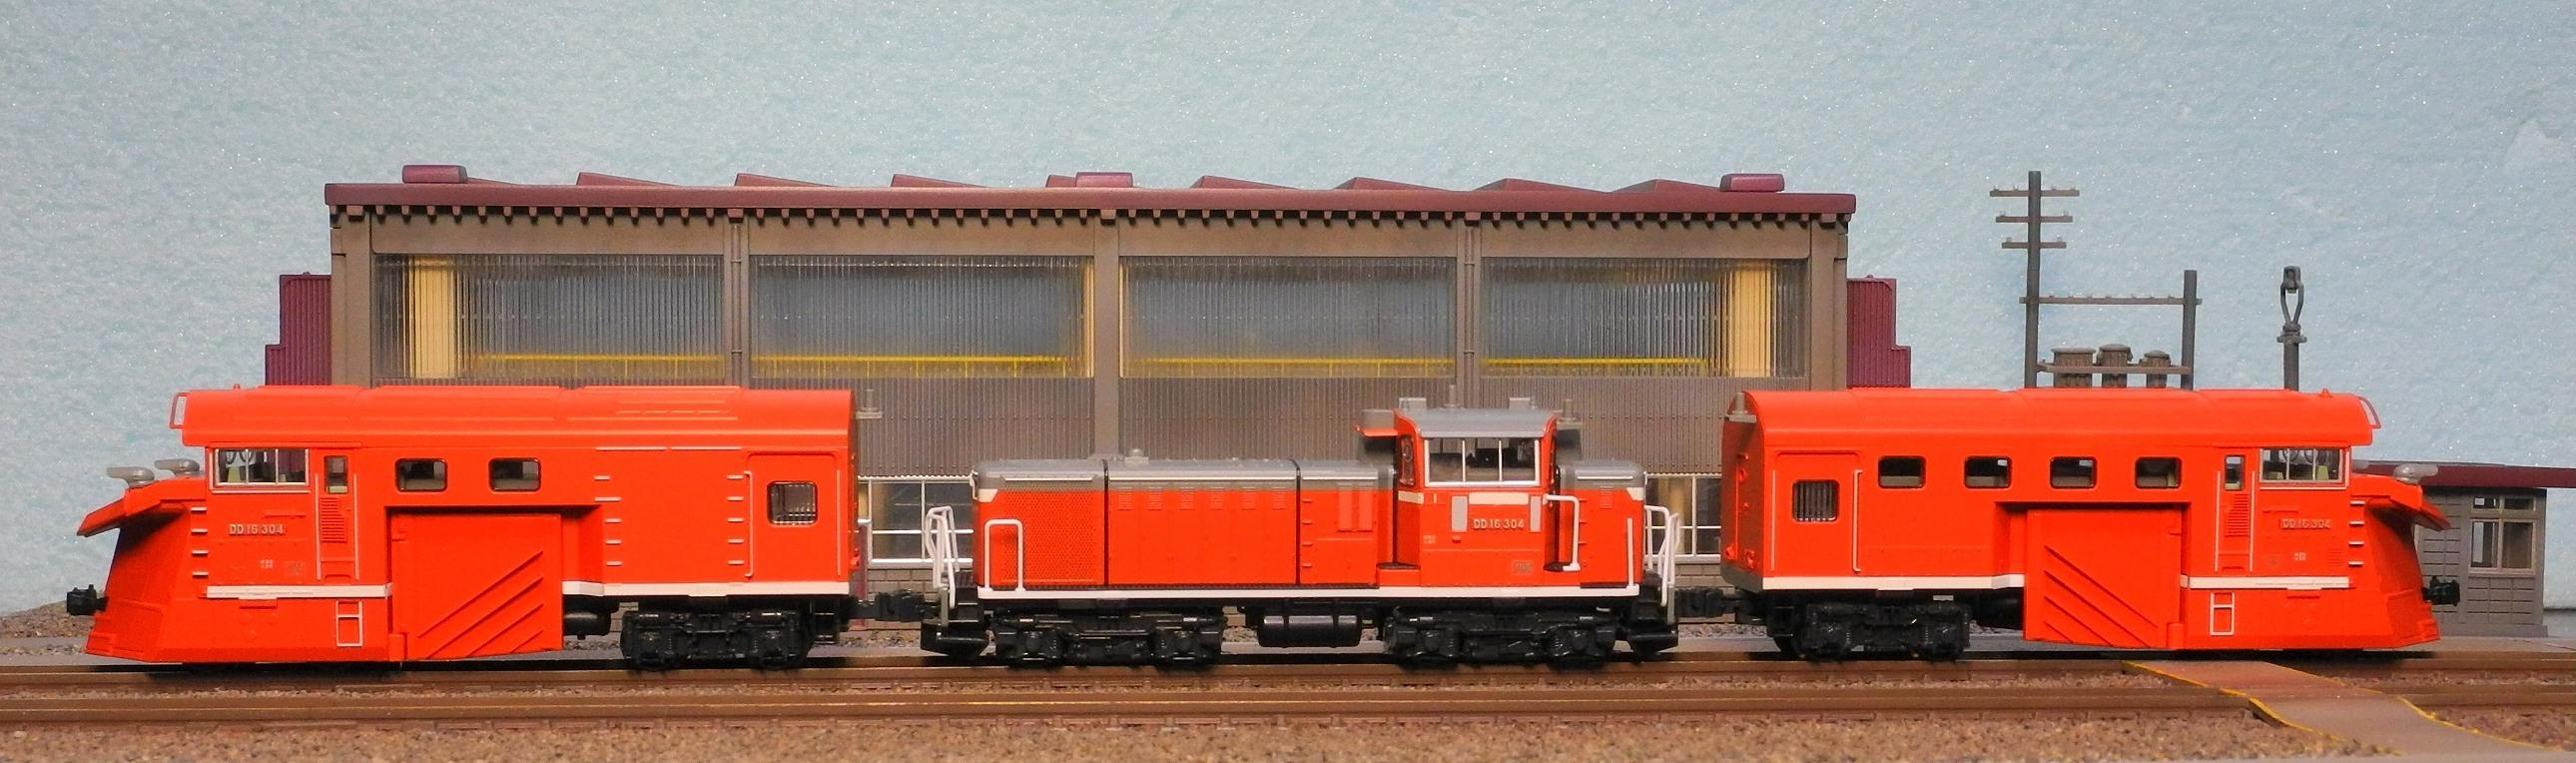 DSCN8463-1.jpg